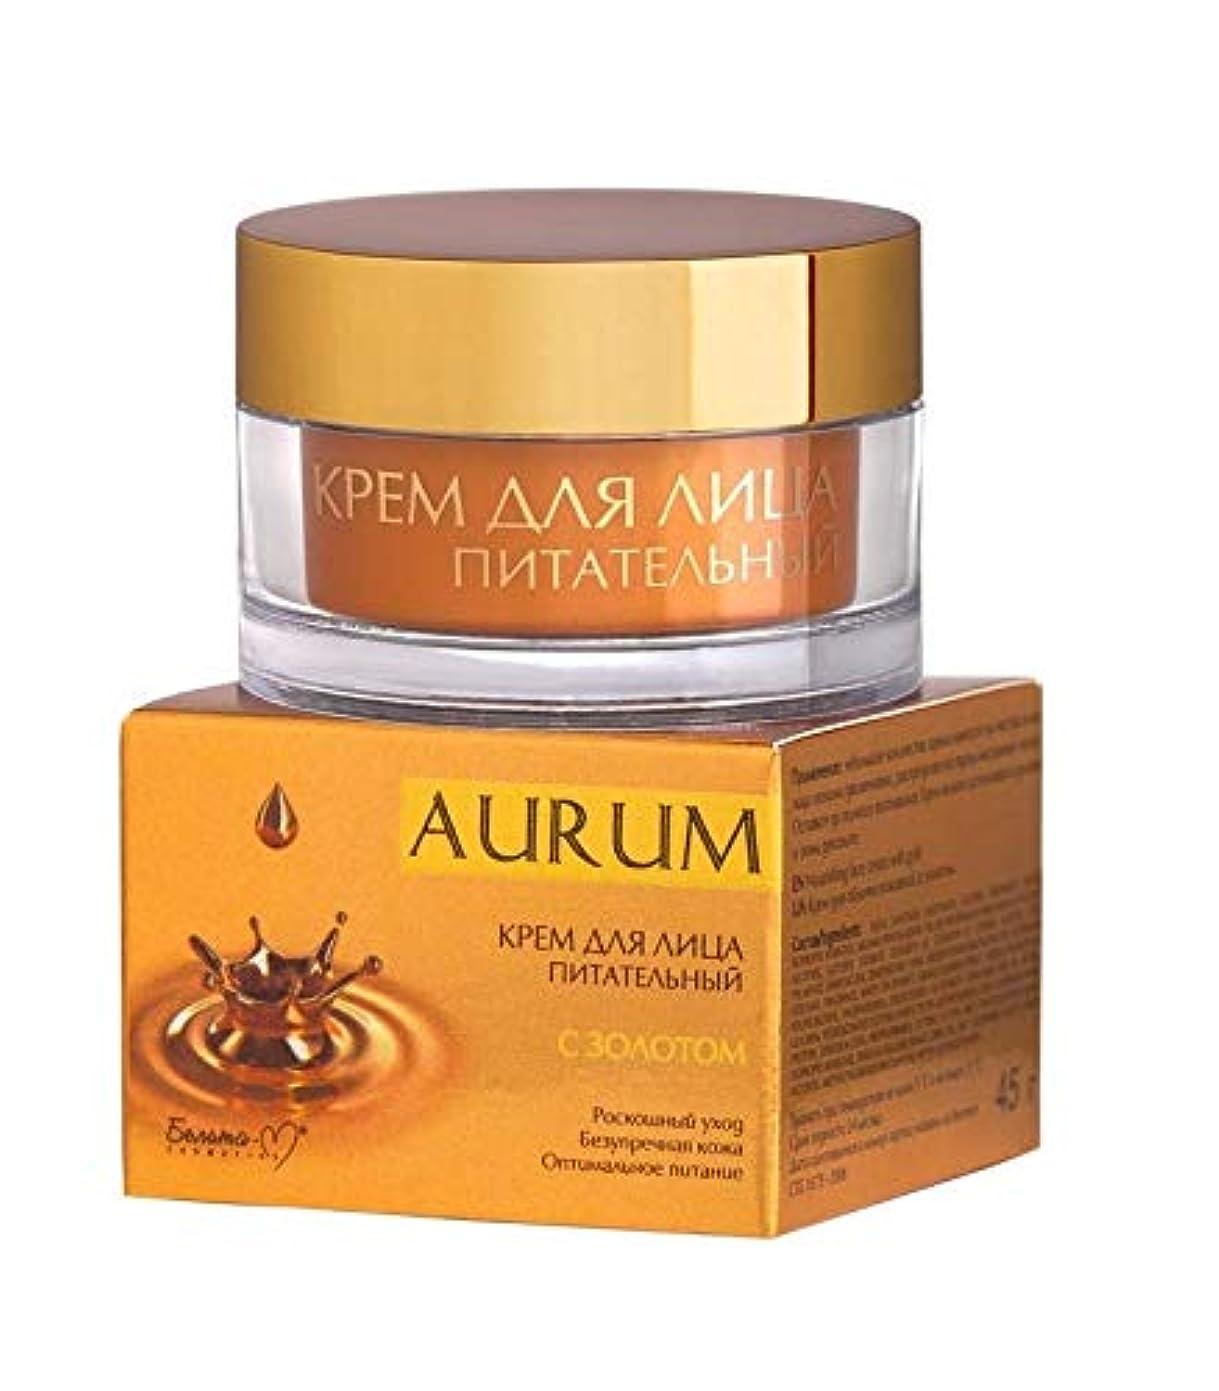 プラスプレゼンターパースBielita & Vitex | NUTRITIONAL FACE CREAM WITH GOLD | AURUM | Luxury care | Flawless skin | Optimal nutrition |...